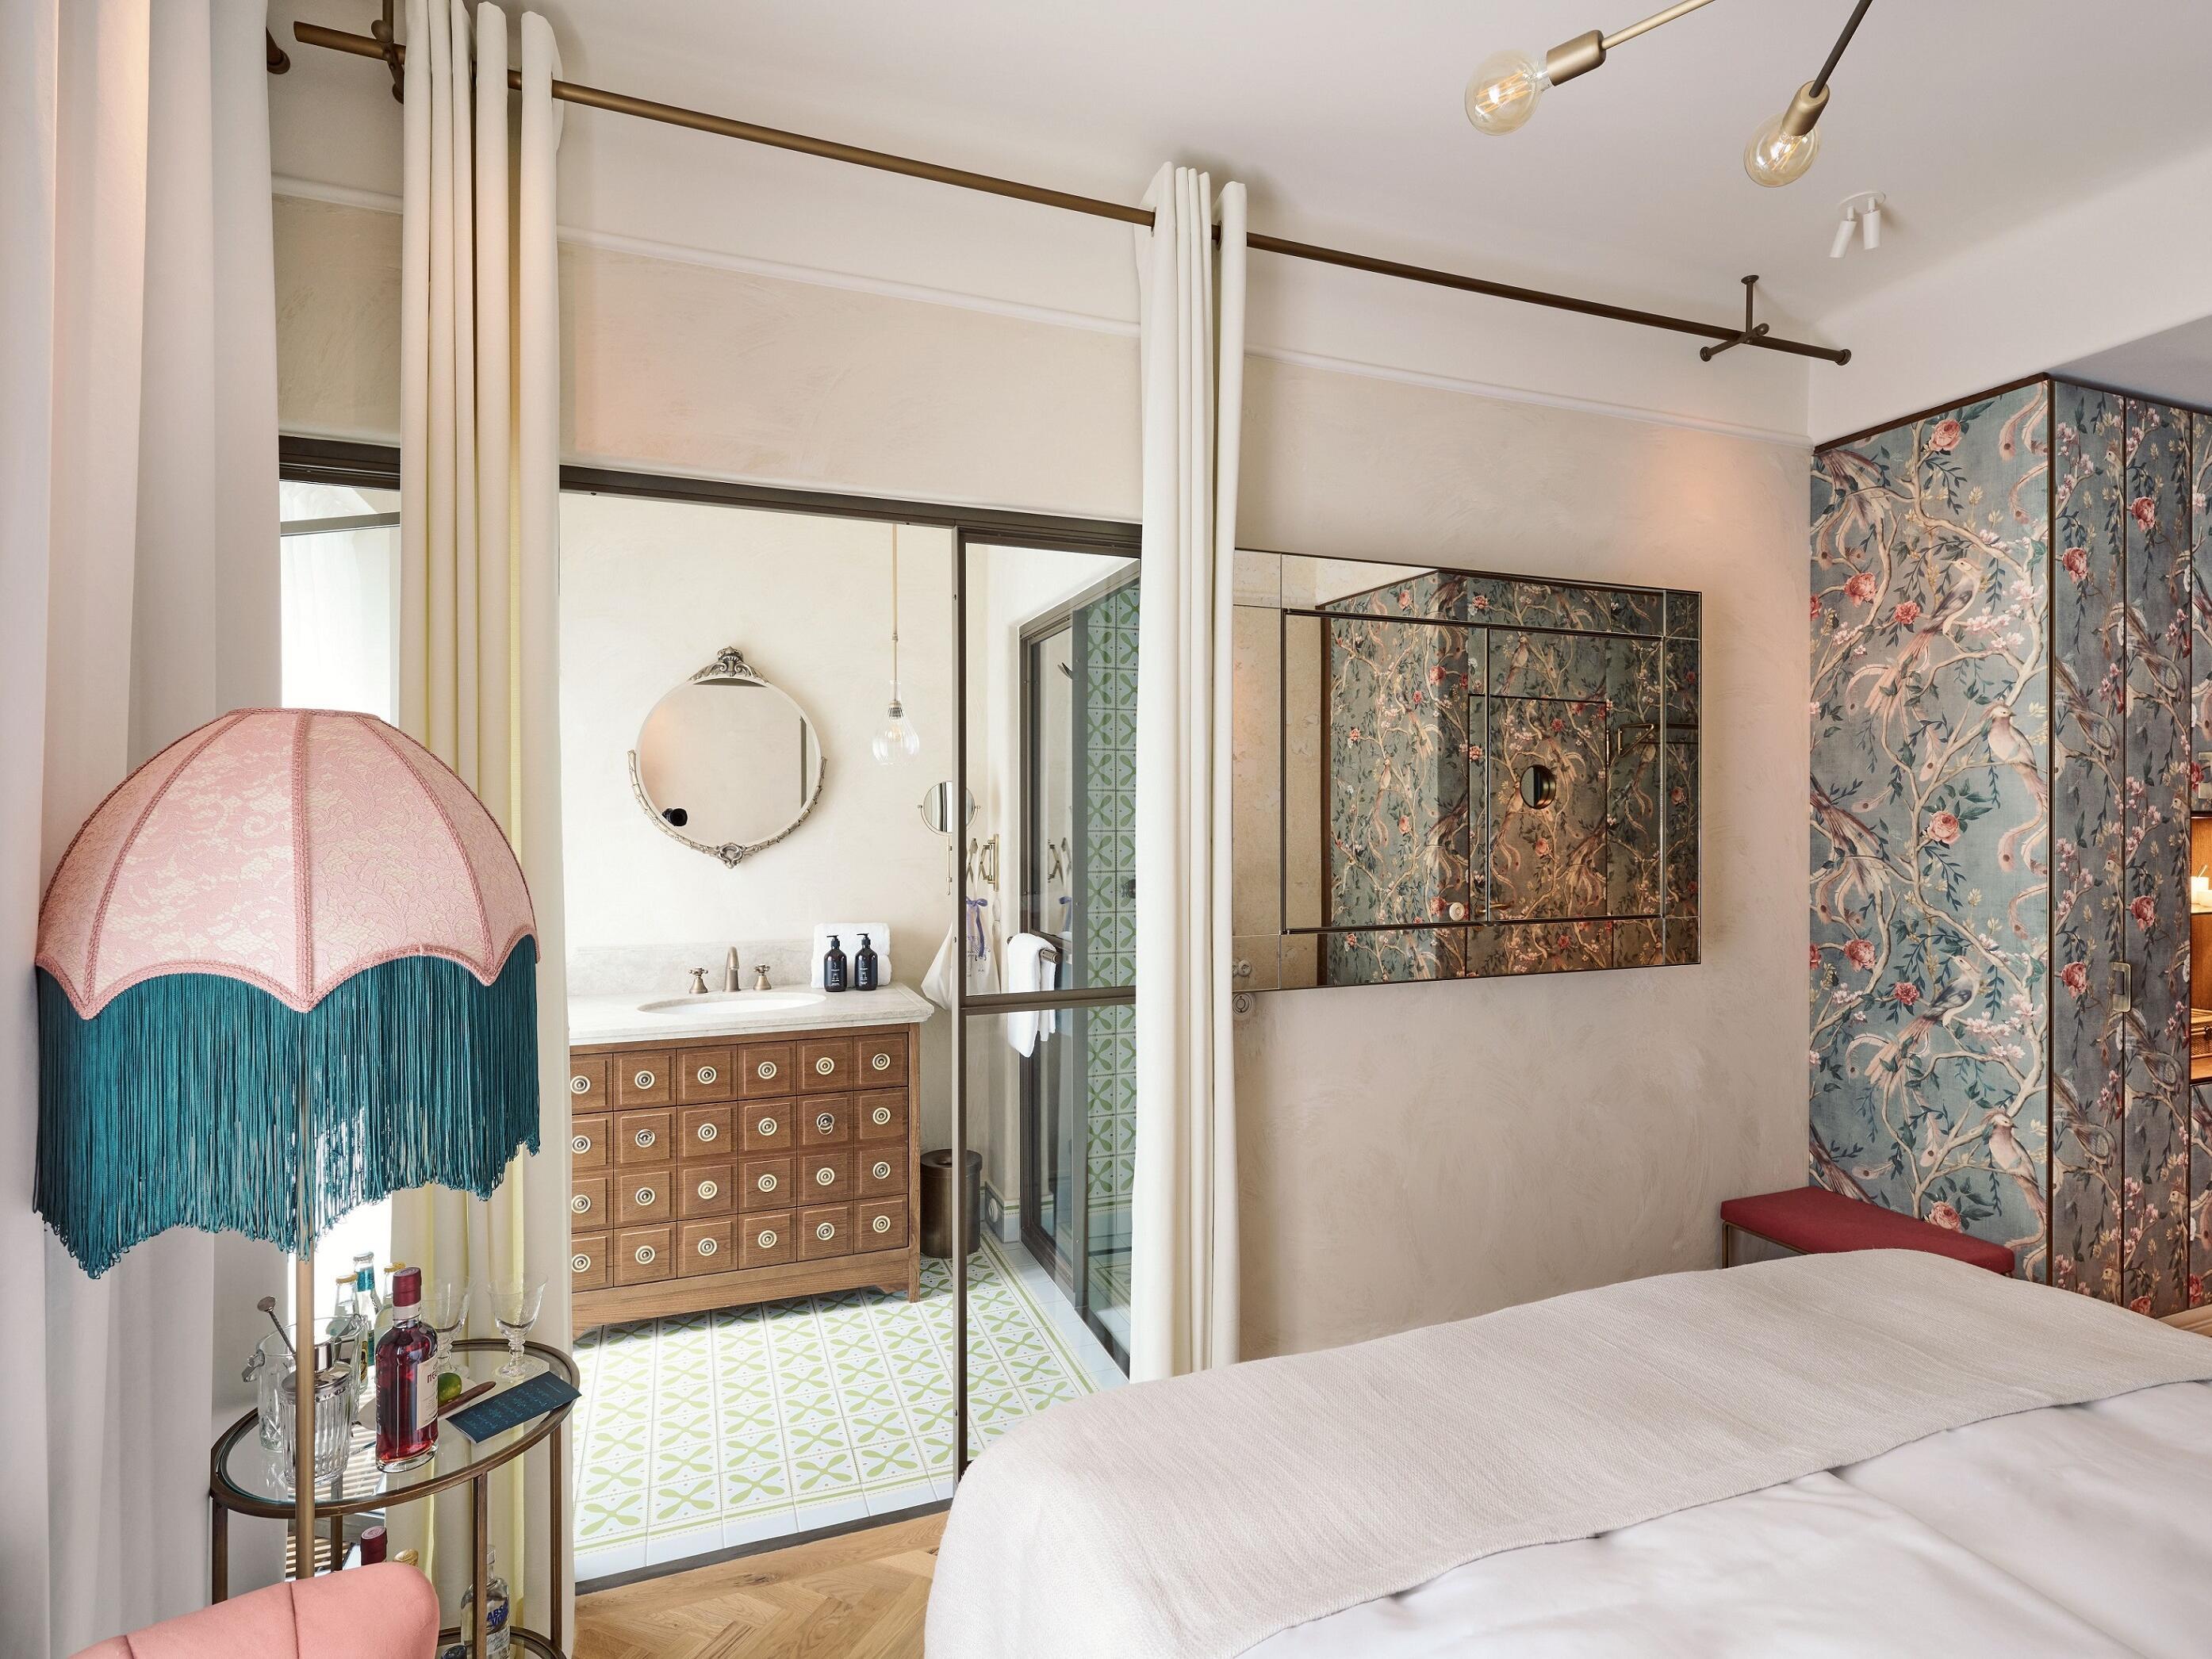 Sicht des Chic Zimmers vom Hotel Motto Wien